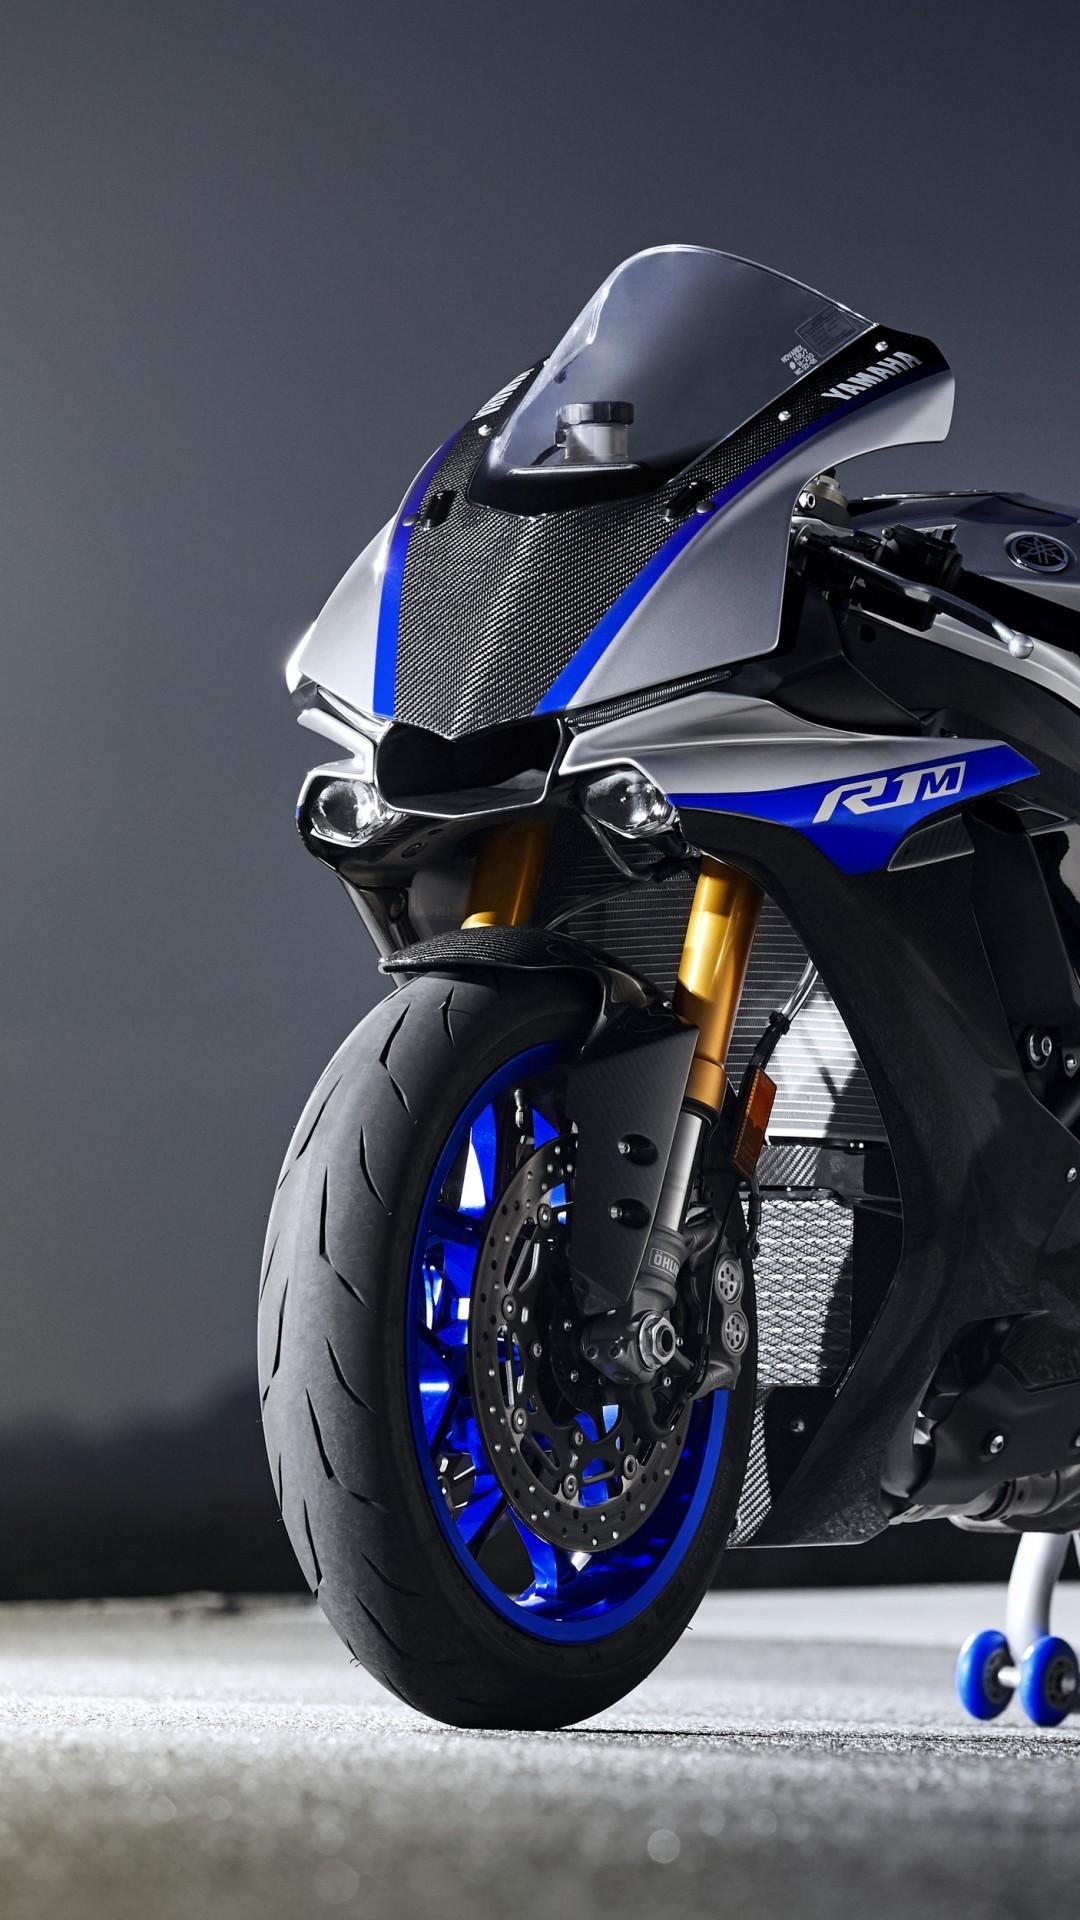 Wallpaper Yamaha Yzf R1m 2018 Bikes 4k Cars Amp Bikes 16862